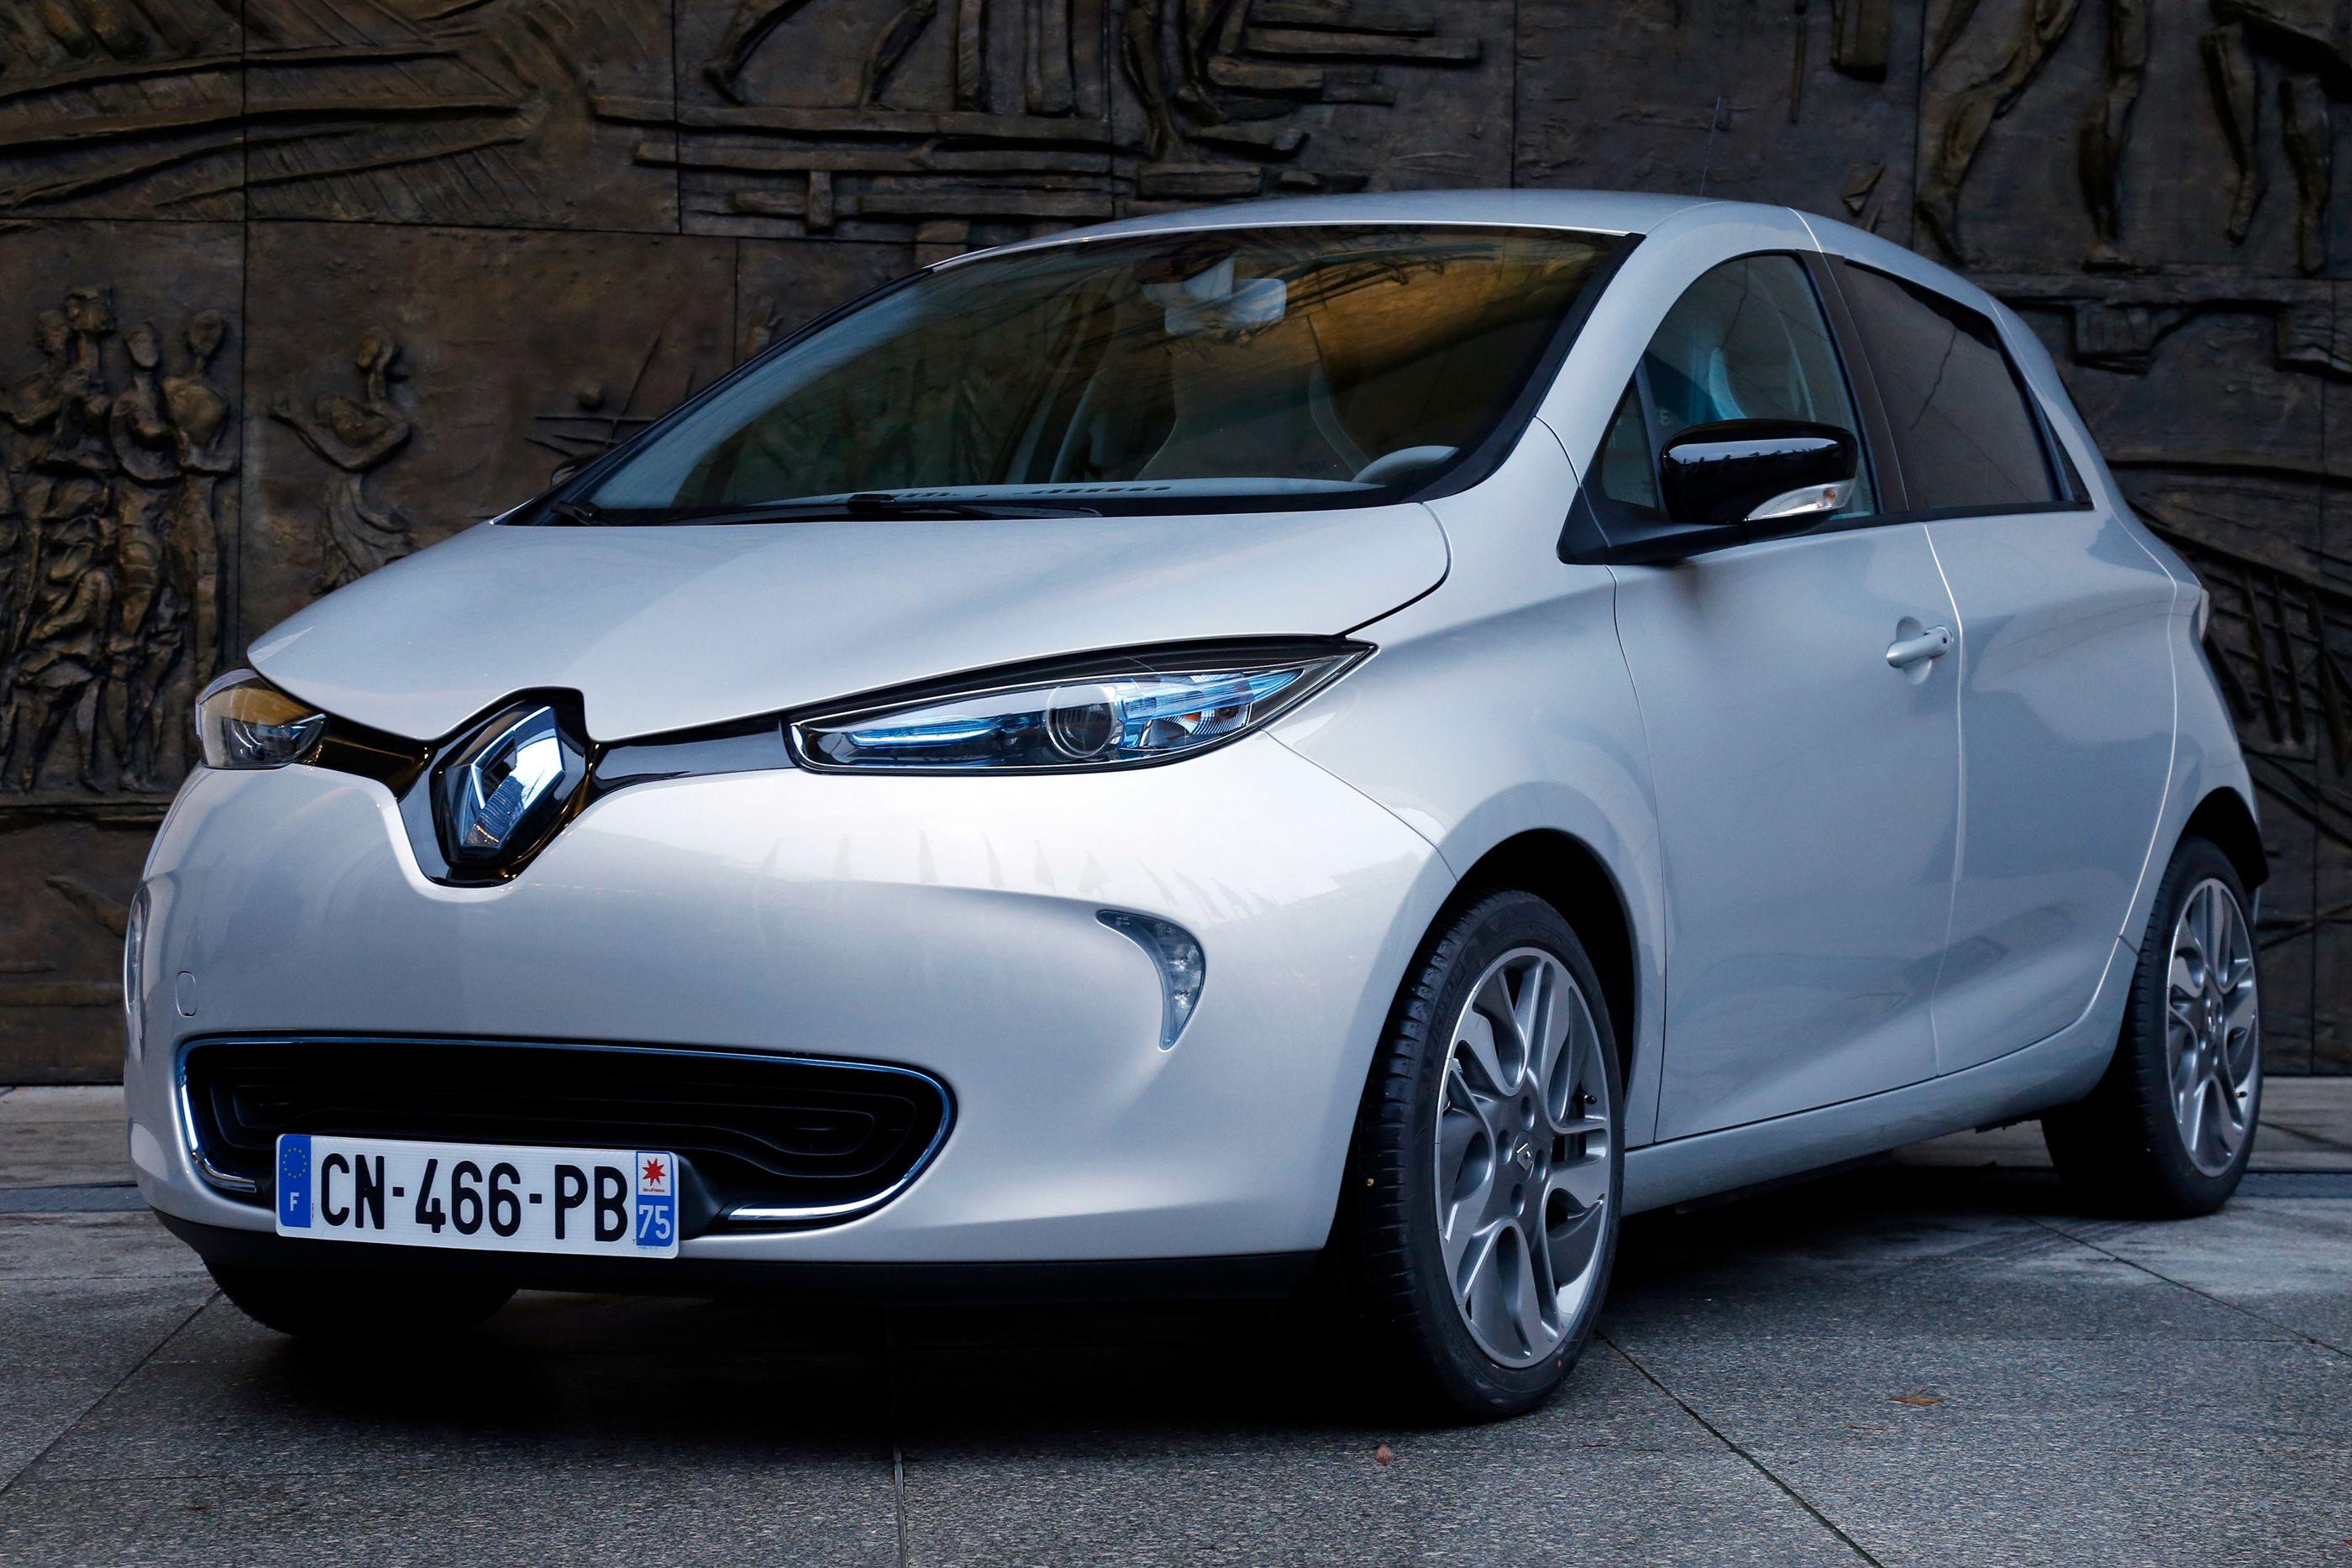 Voiture électrique Renault Zoe ult